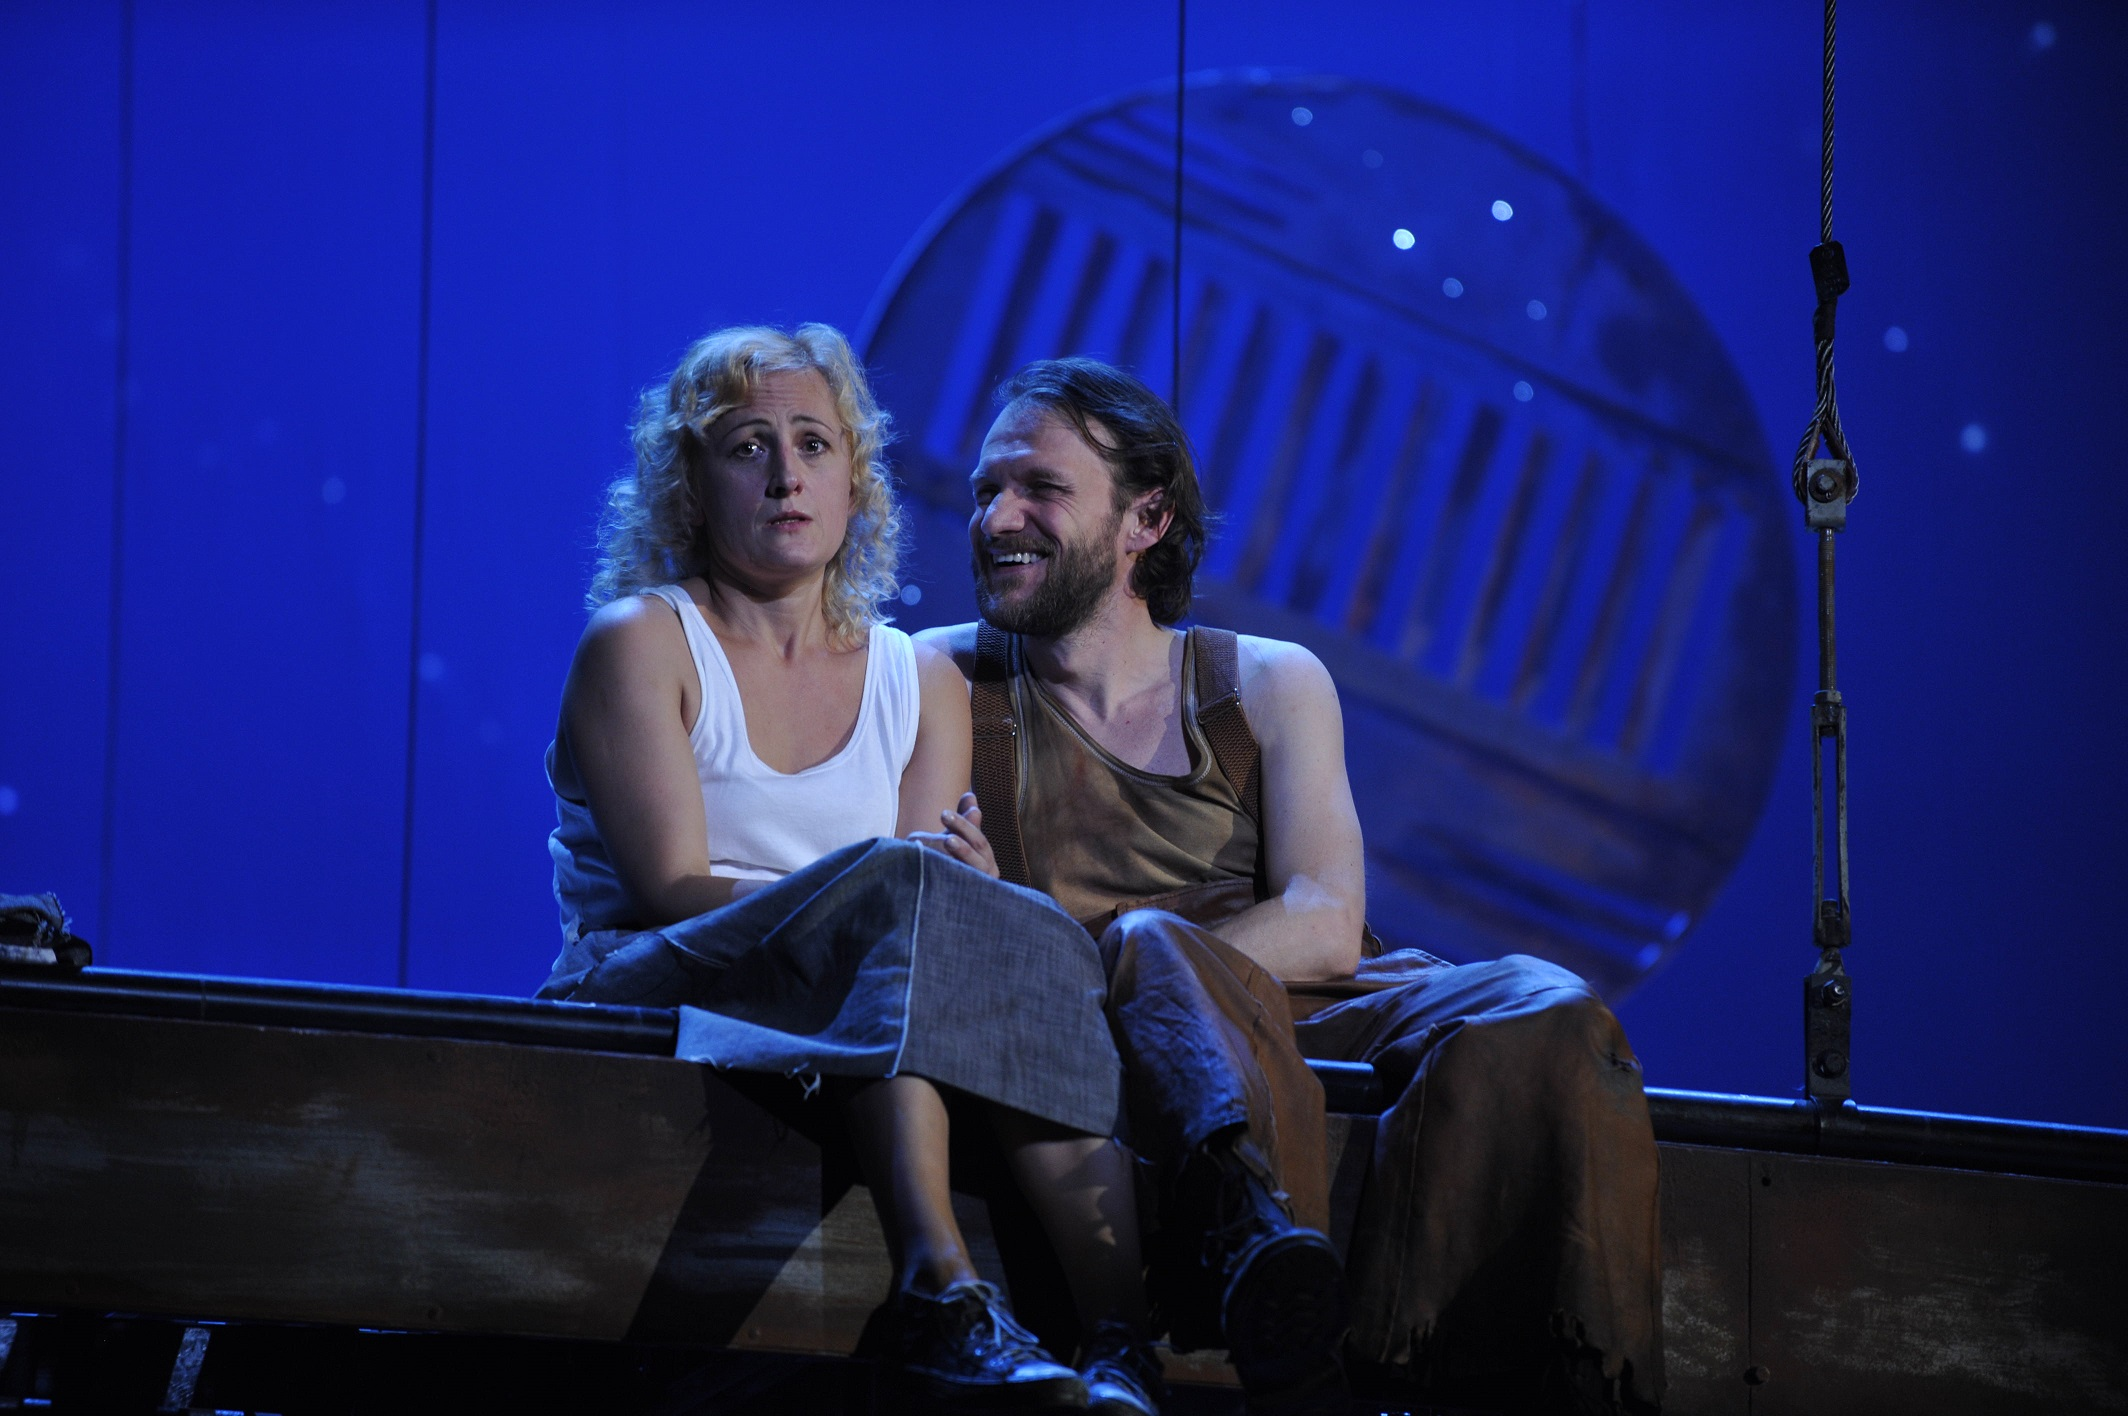 ВСамаре пройдет III Межрегиональный фестиваль «Волга театральная»